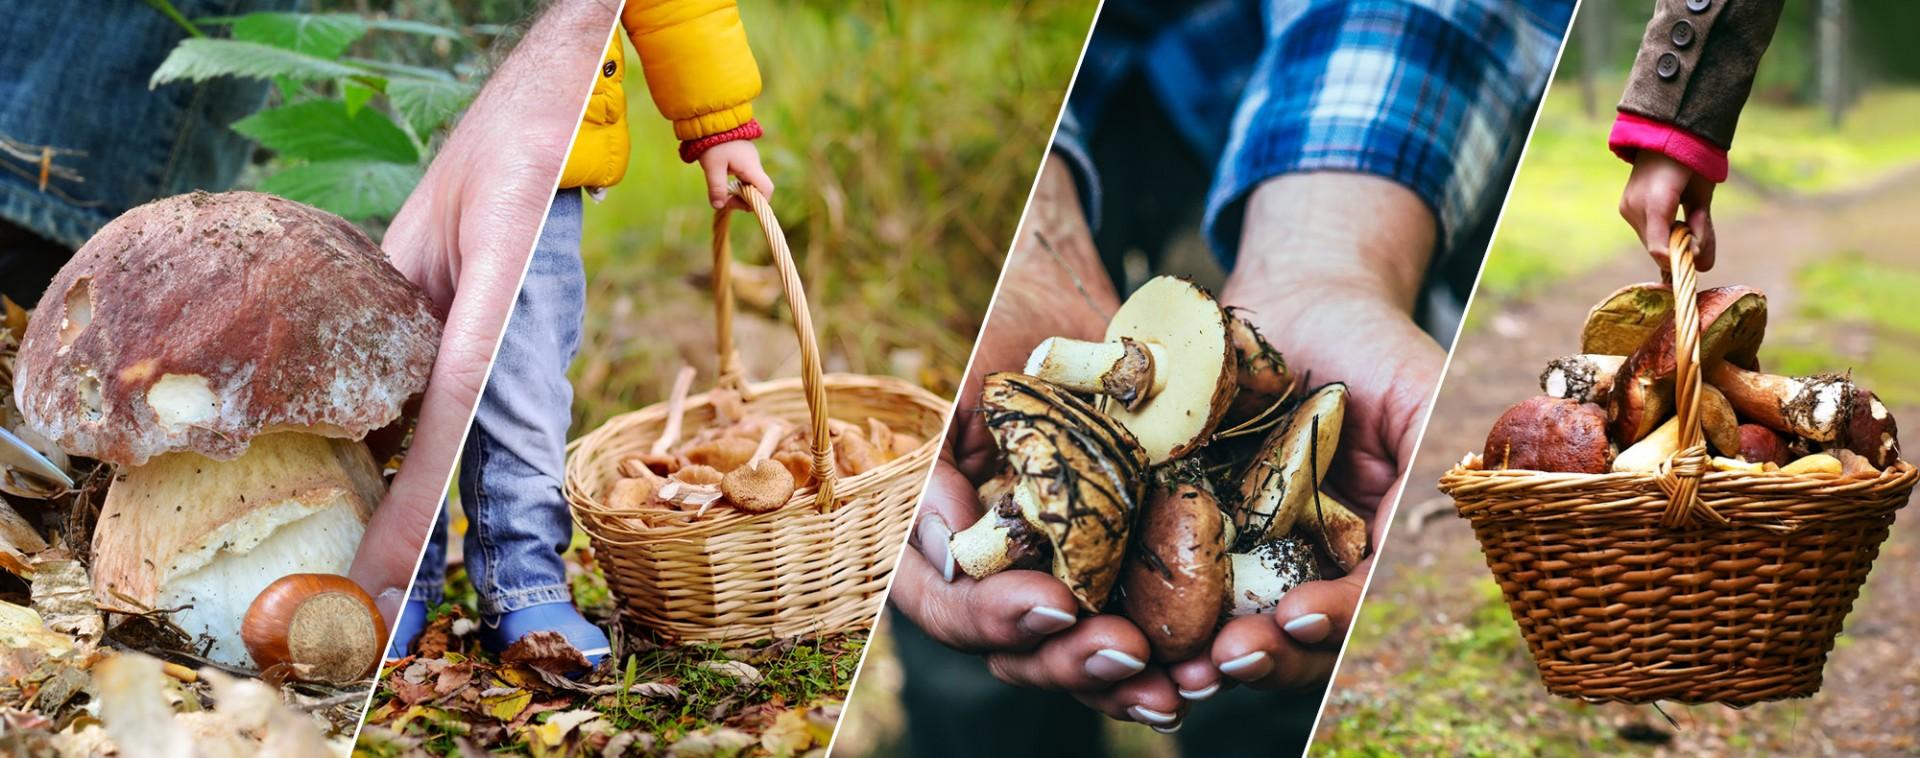 Balades champignons 2018 en province de Liège | © Getty Images